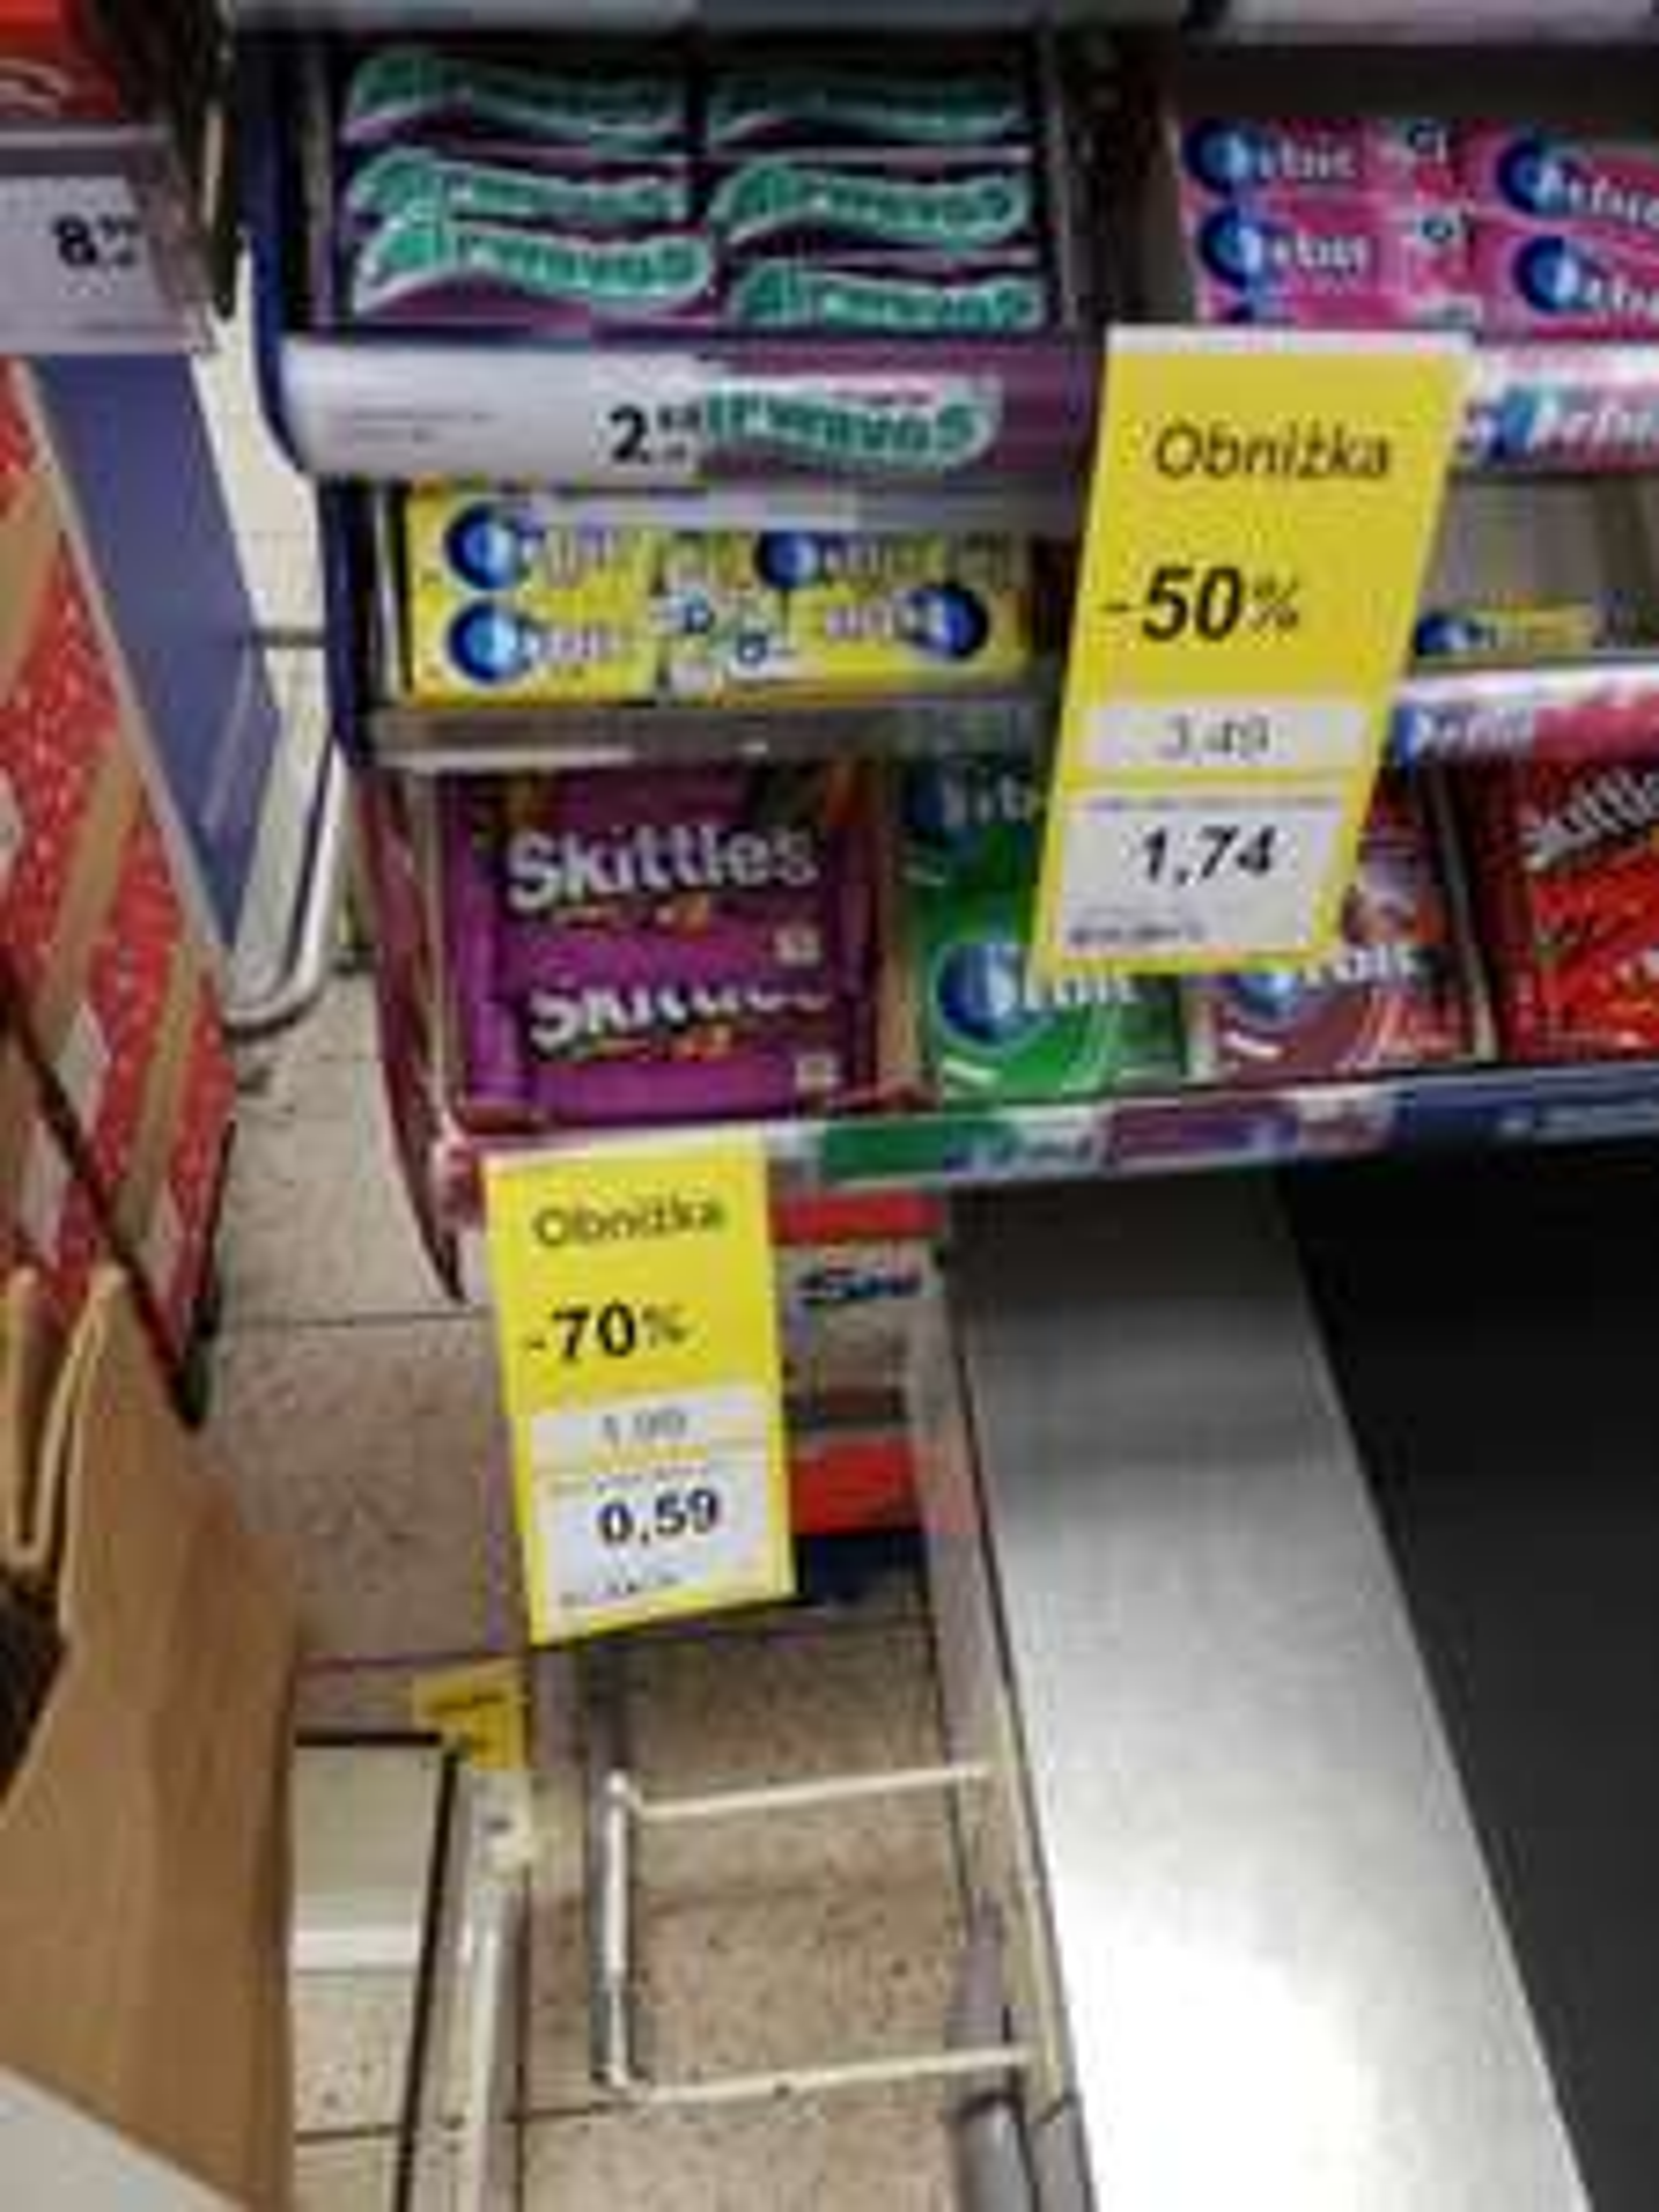 Skittles Tesco